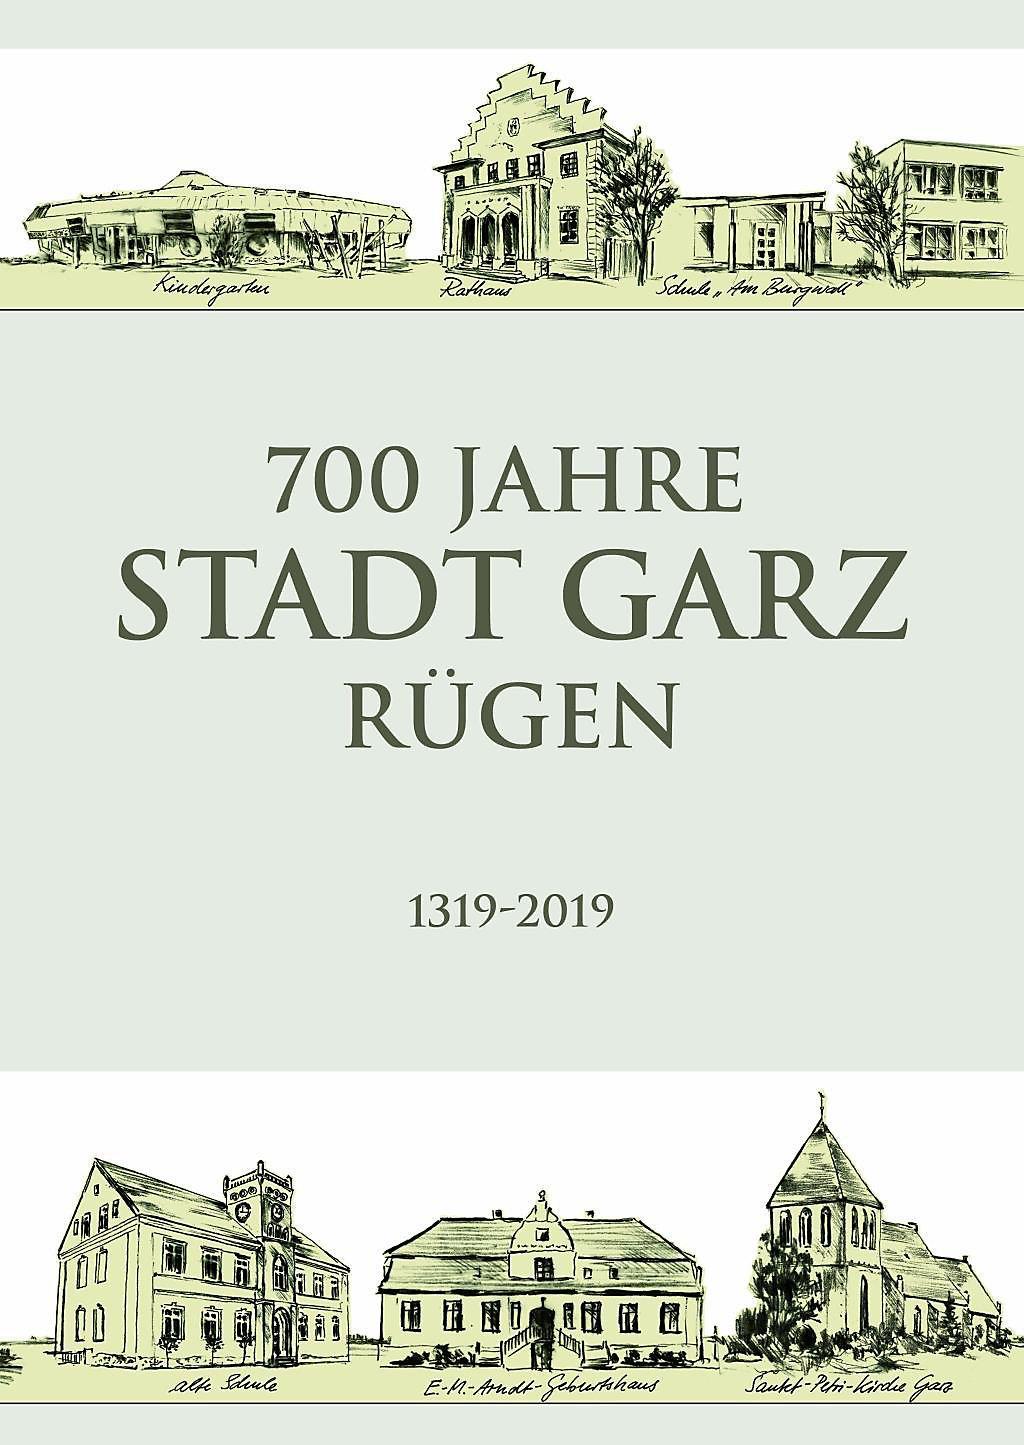 Mädel Garz/Rügen